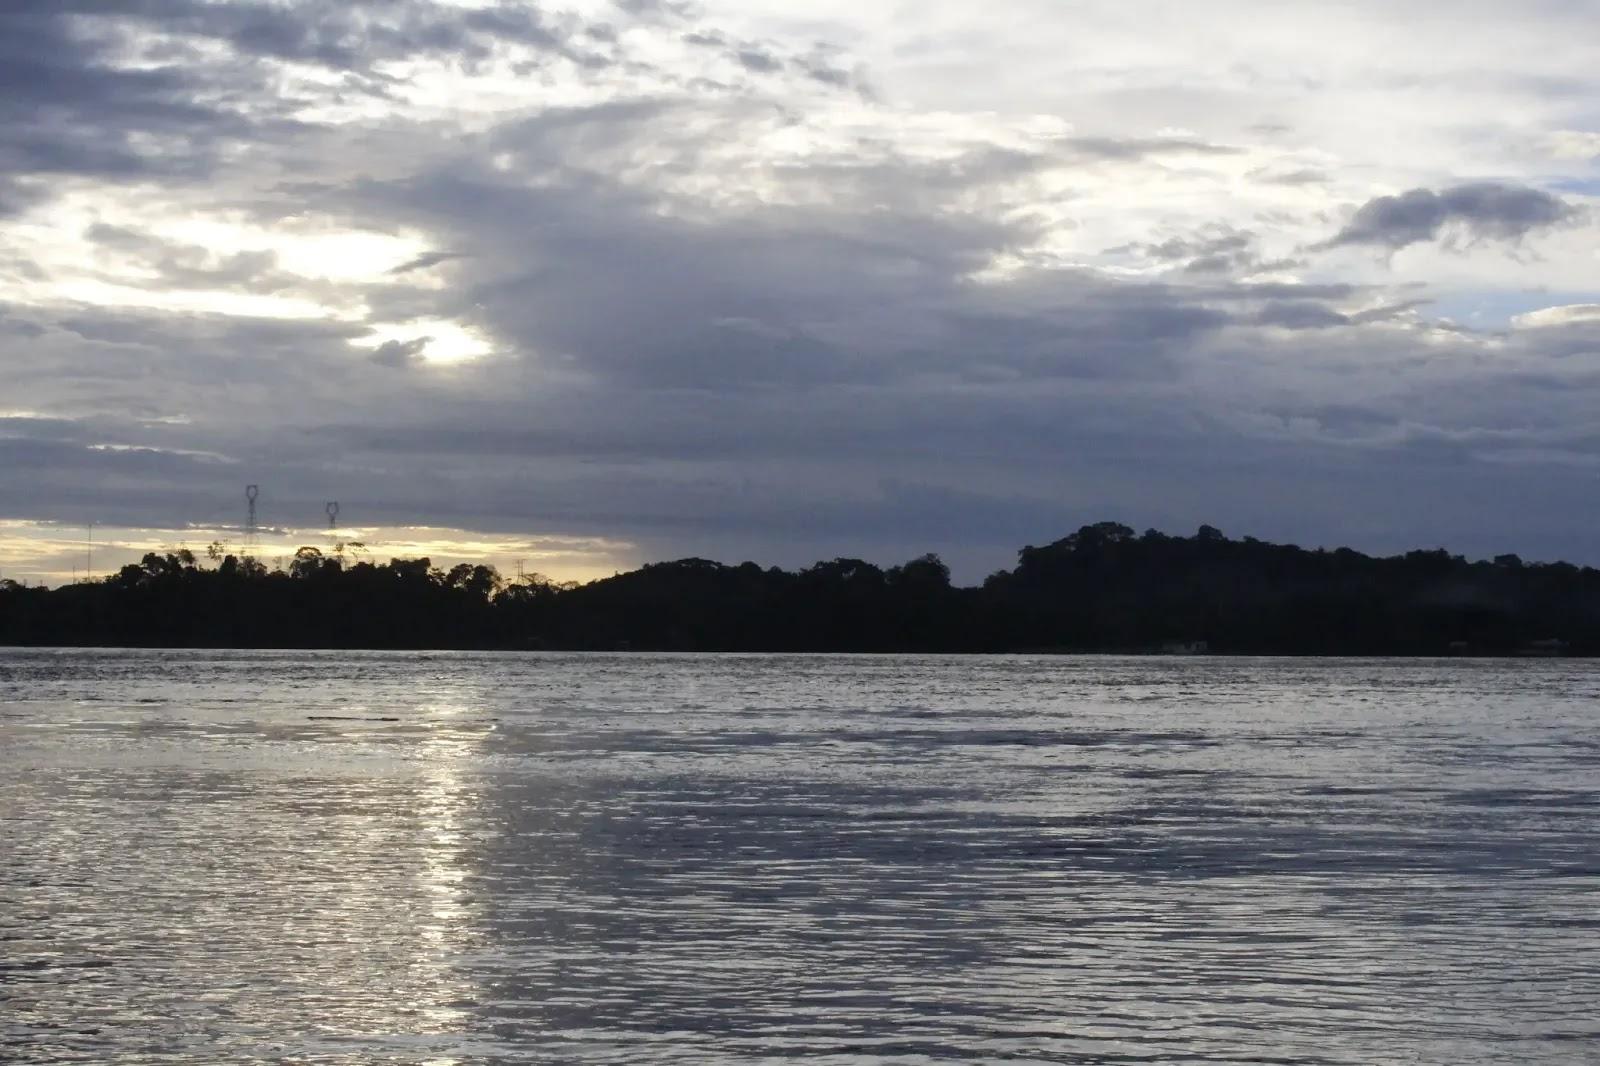 Município de Ferreira Gomes - Estado do Amapá